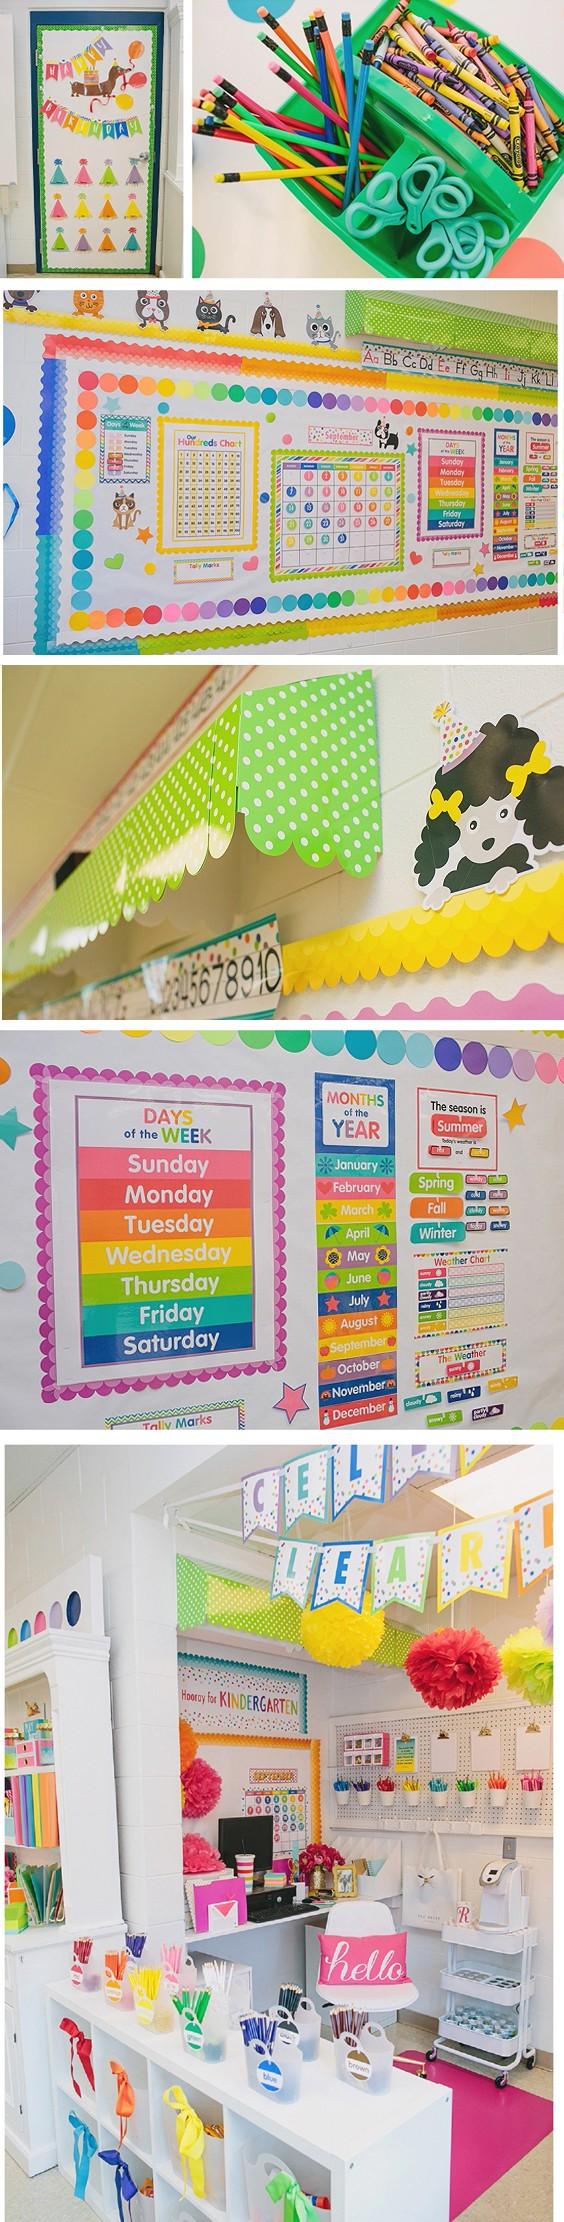 甜甜蜜蜜  【环境创设】幼儿园建构式课程——小班第二主题《甜甜蜜蜜